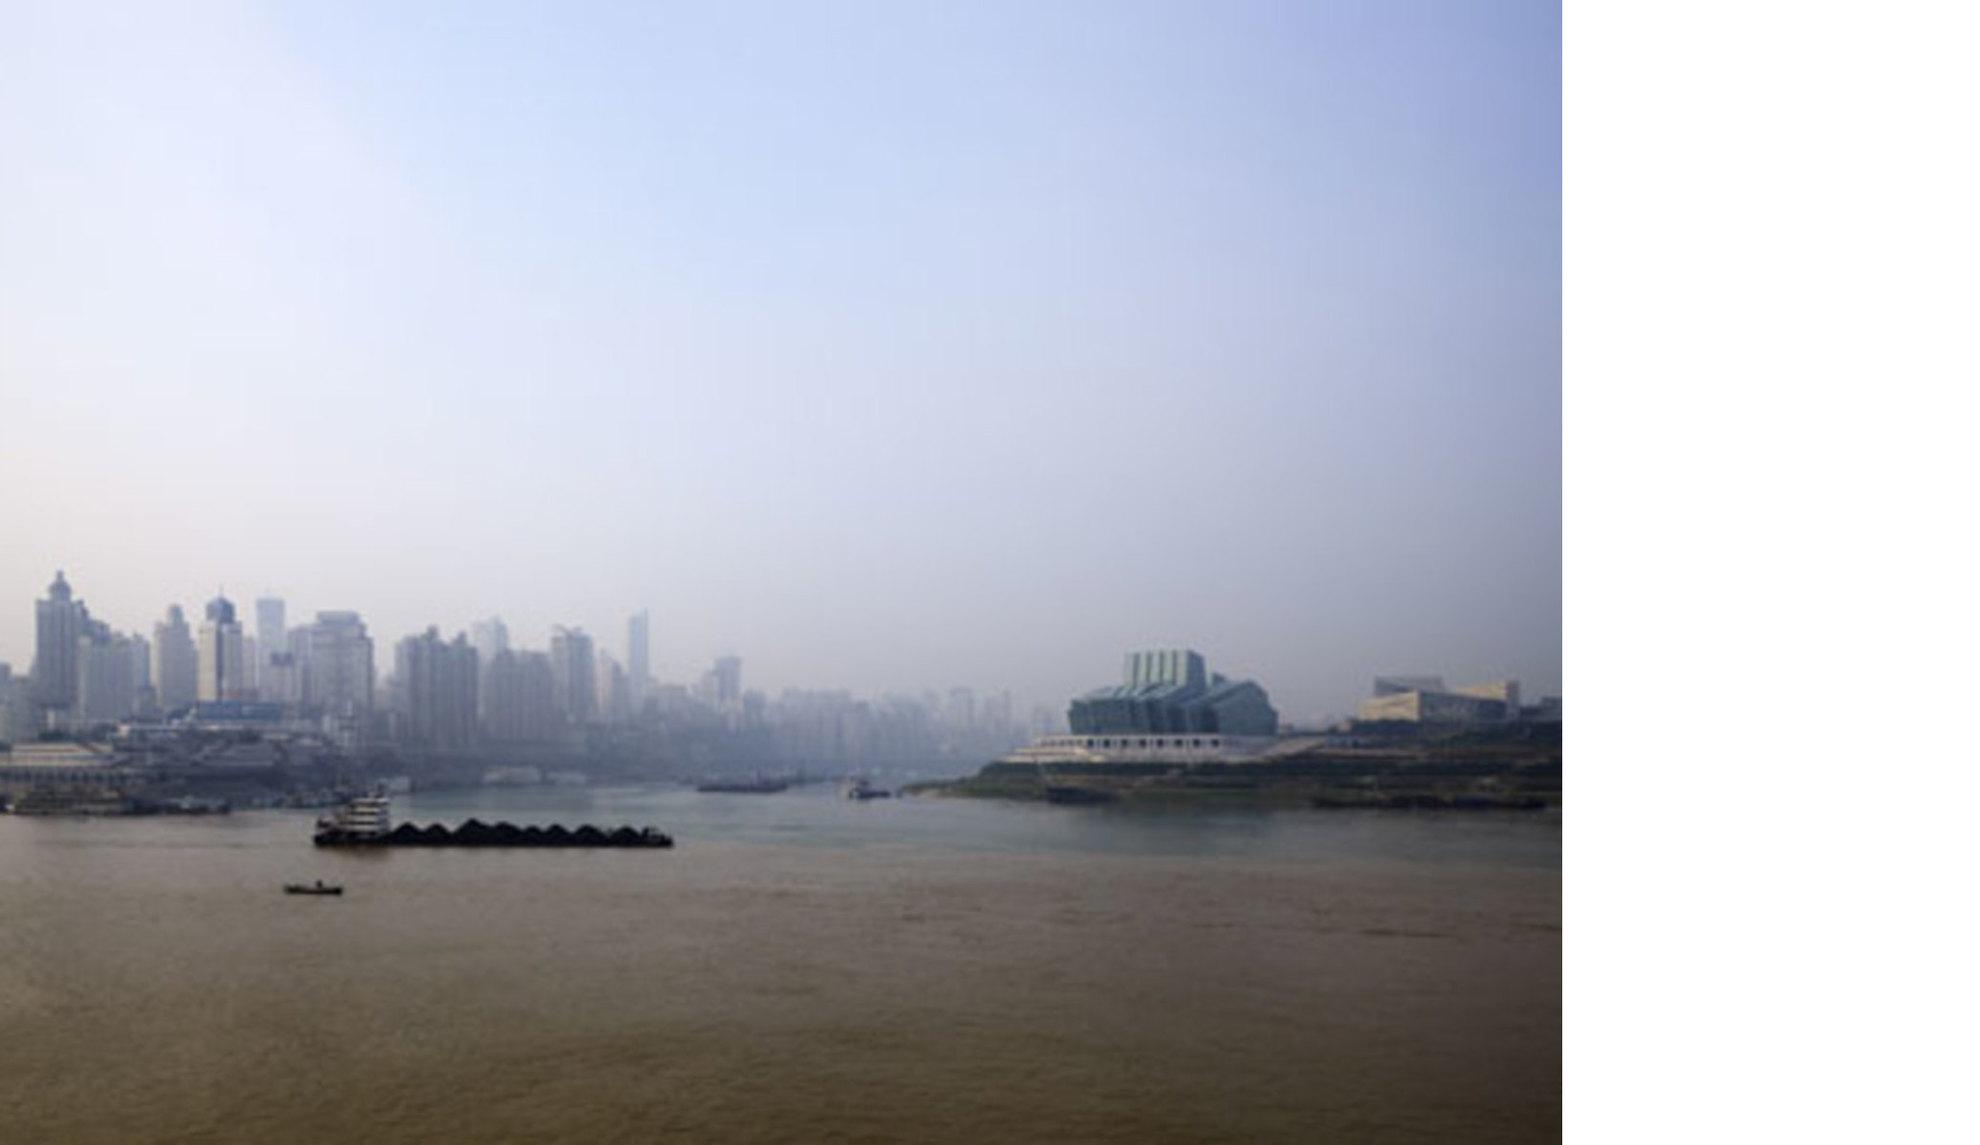 Gmp y el Gran Teatro, punto de referencia de Chongqing